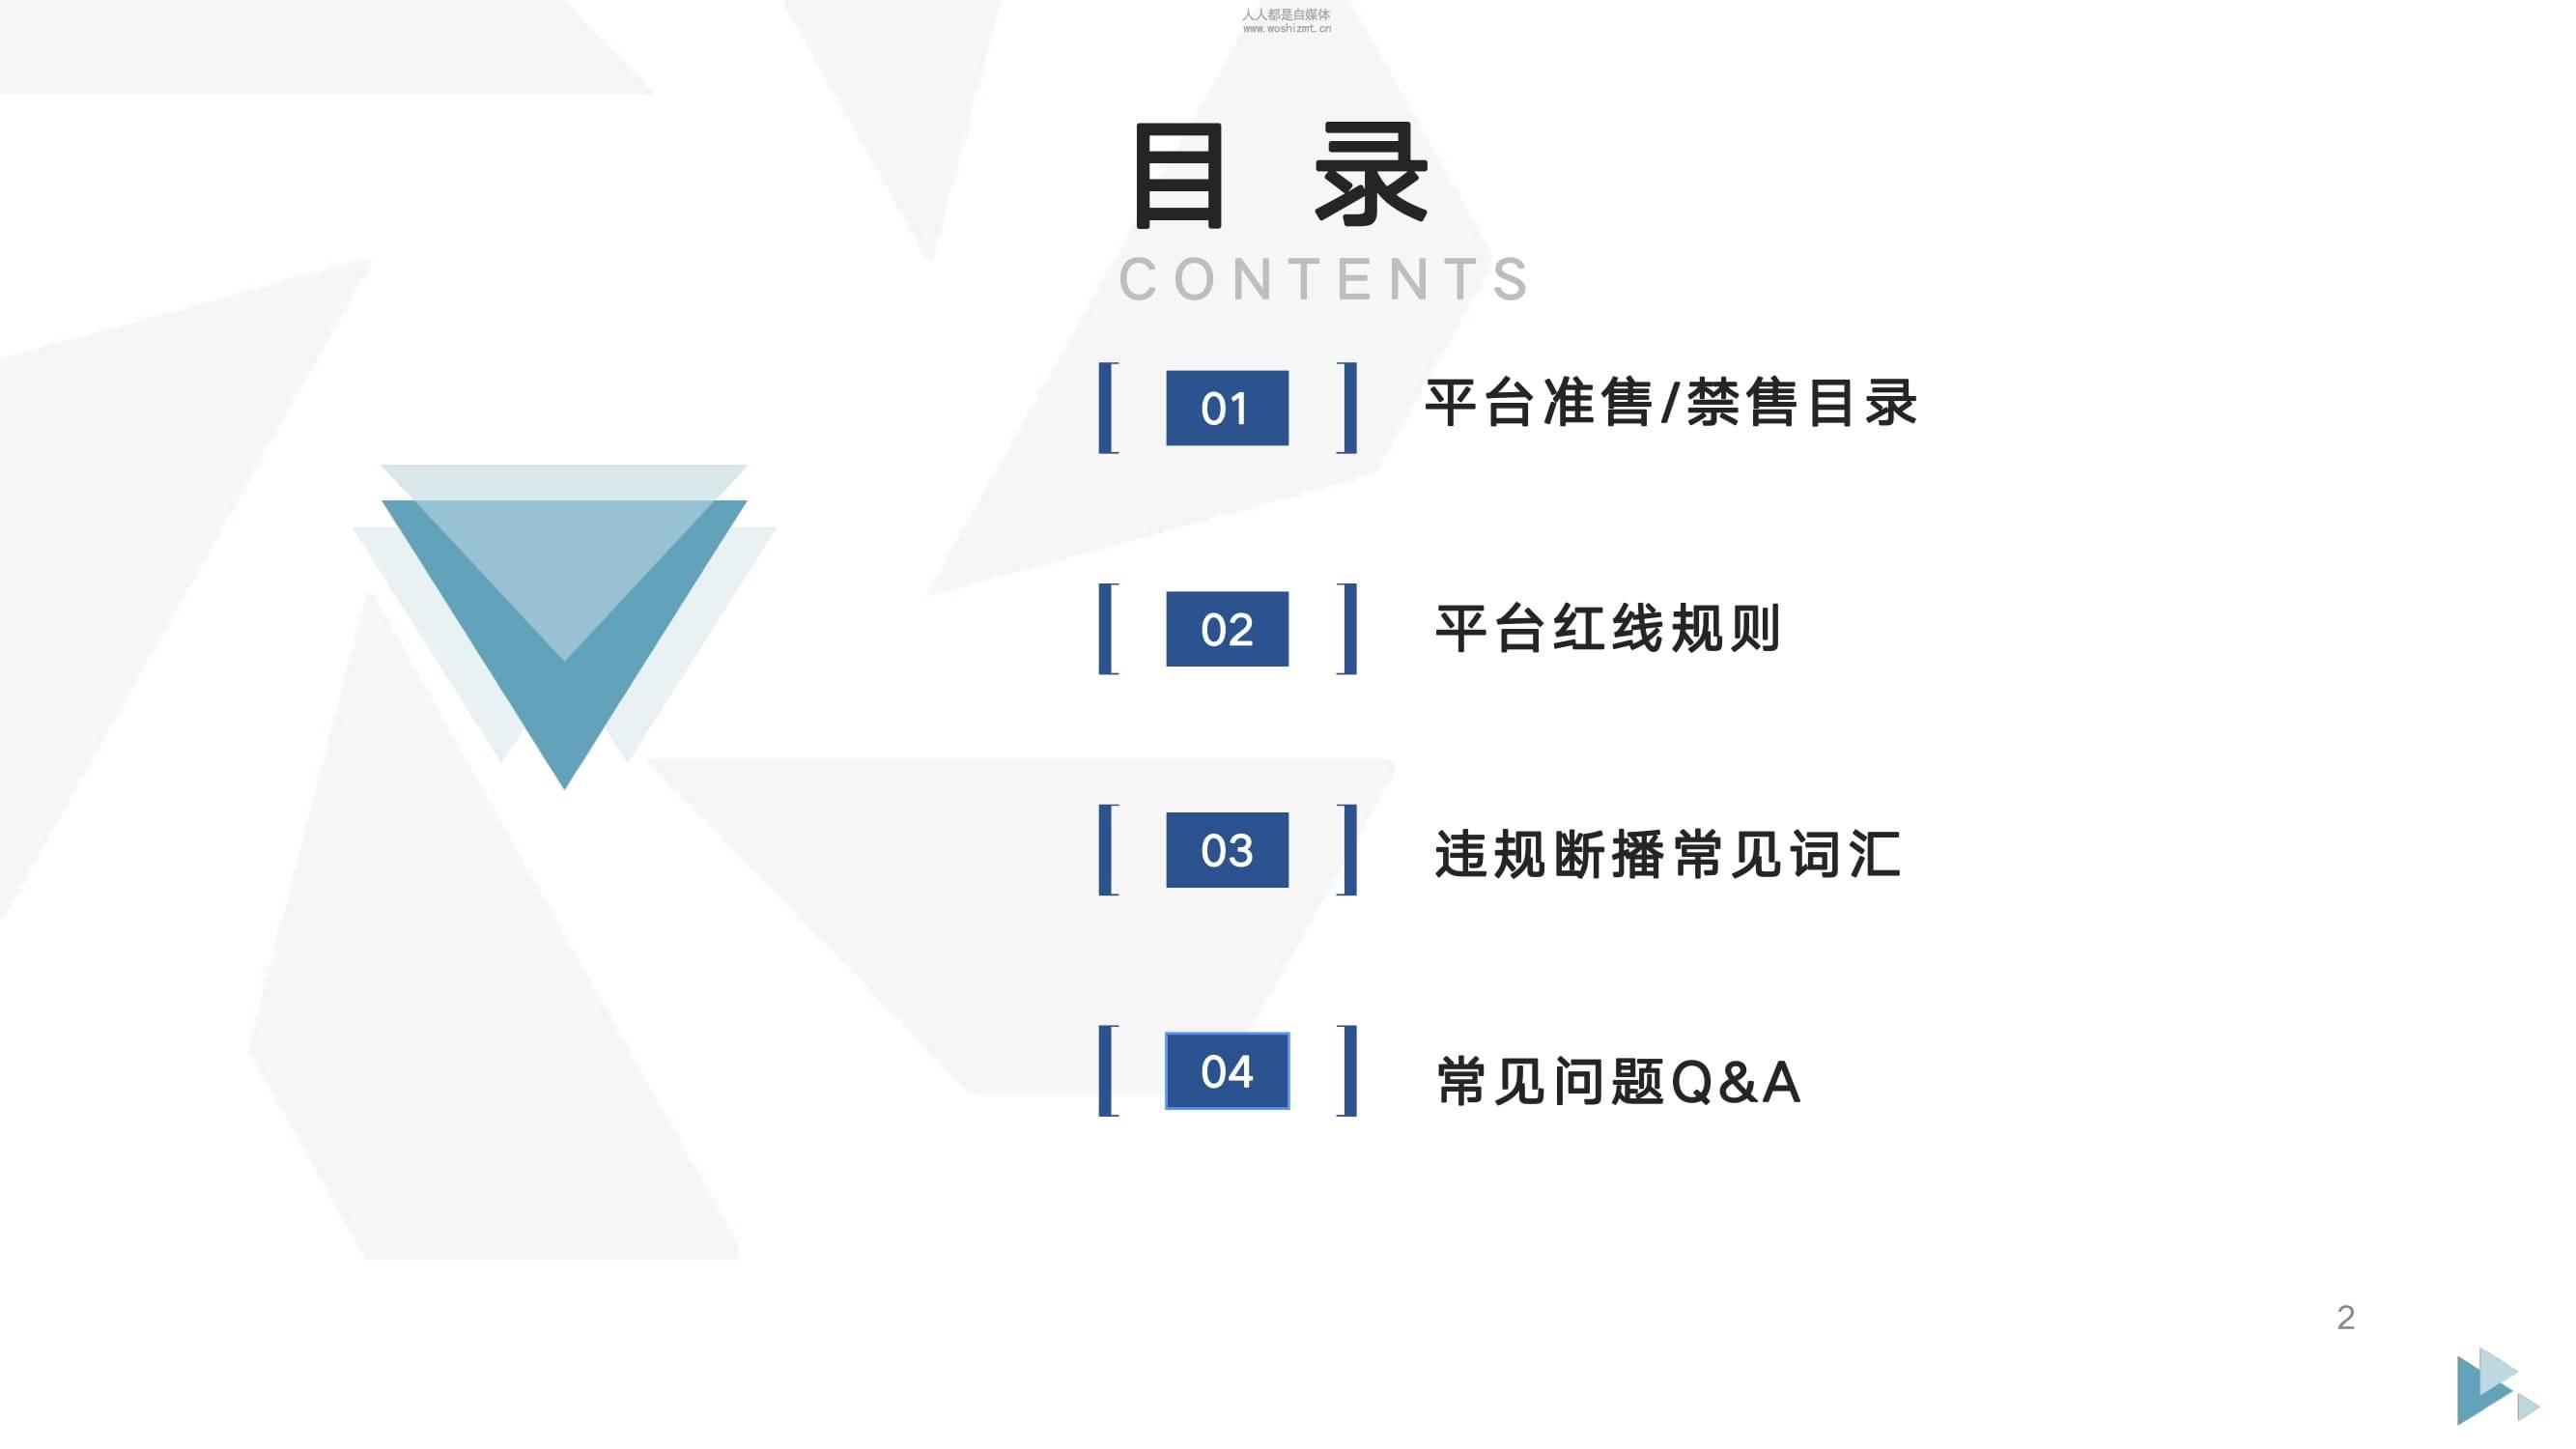 玉石商家抖音运营手册:禁售产品、断播禁用词汇 短视频 第1张